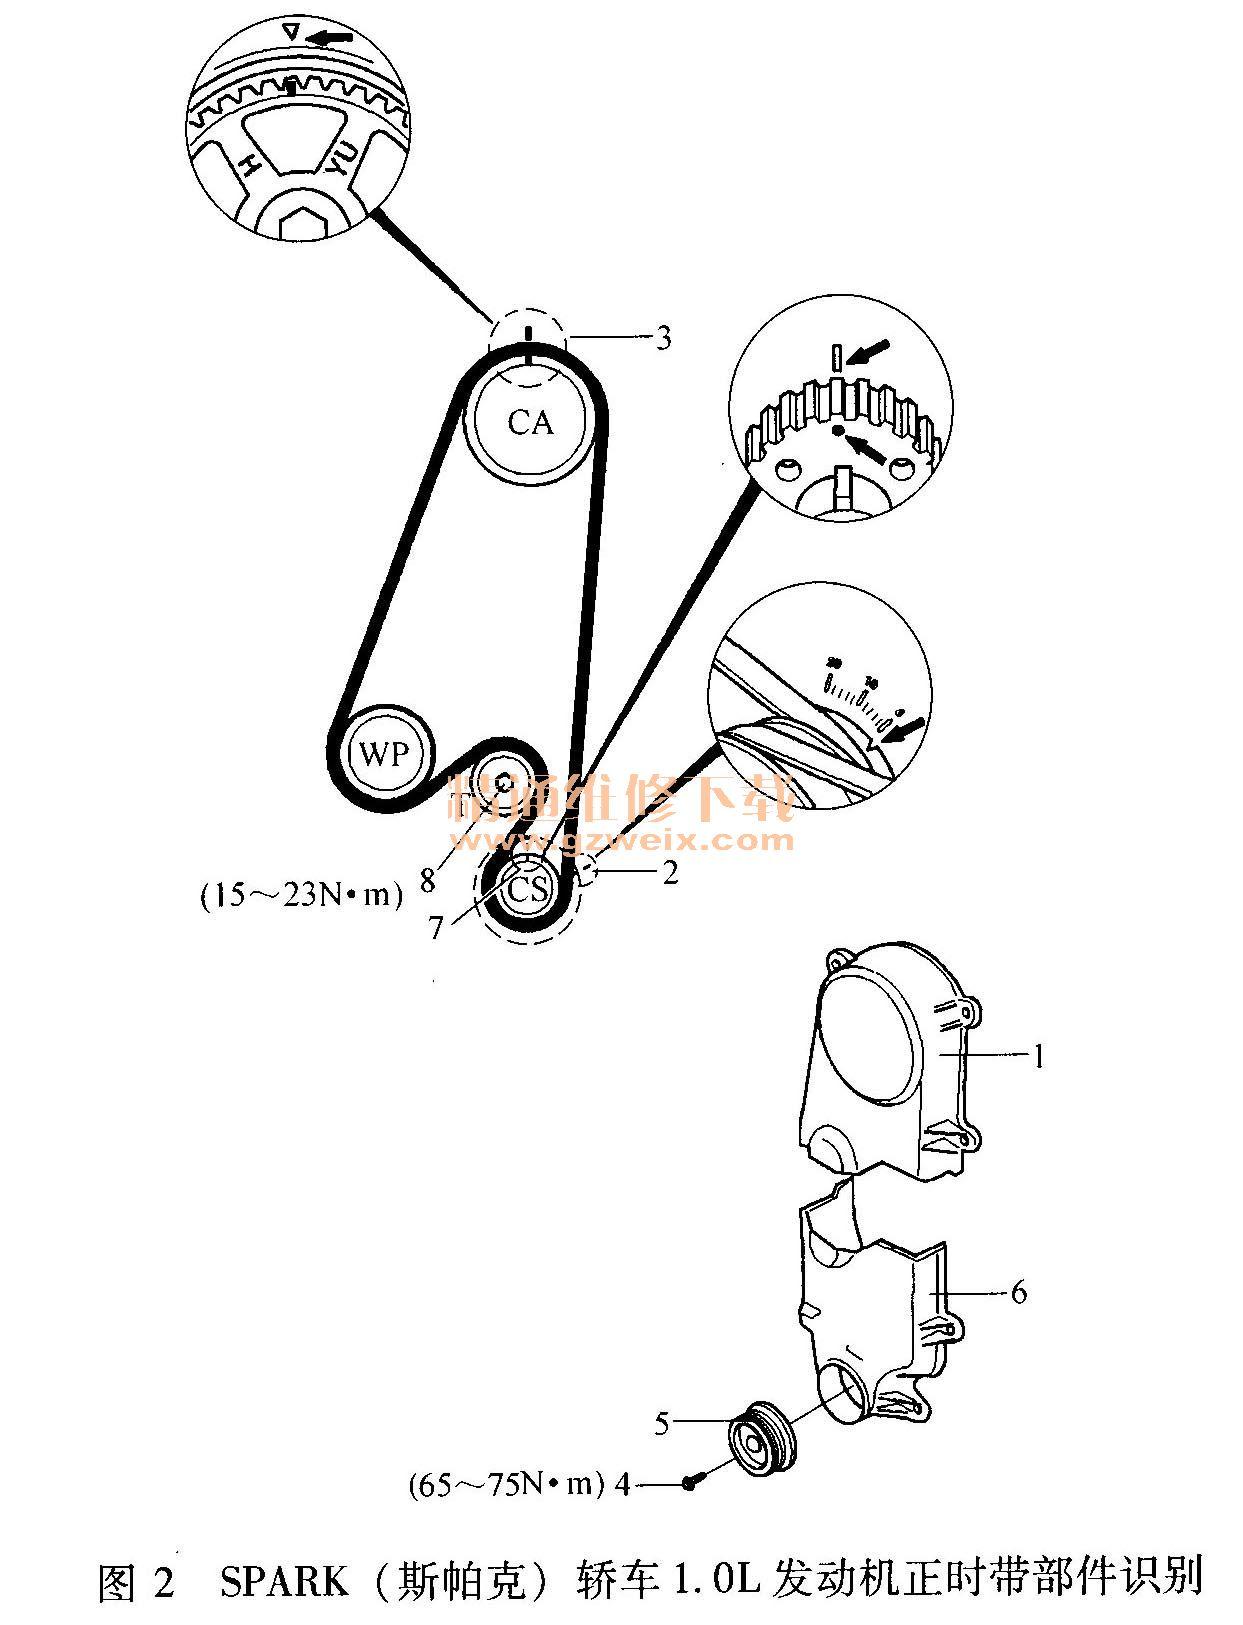 二,spark(斯帕克)轿车1. 0l发动机正时带拆卸步骤